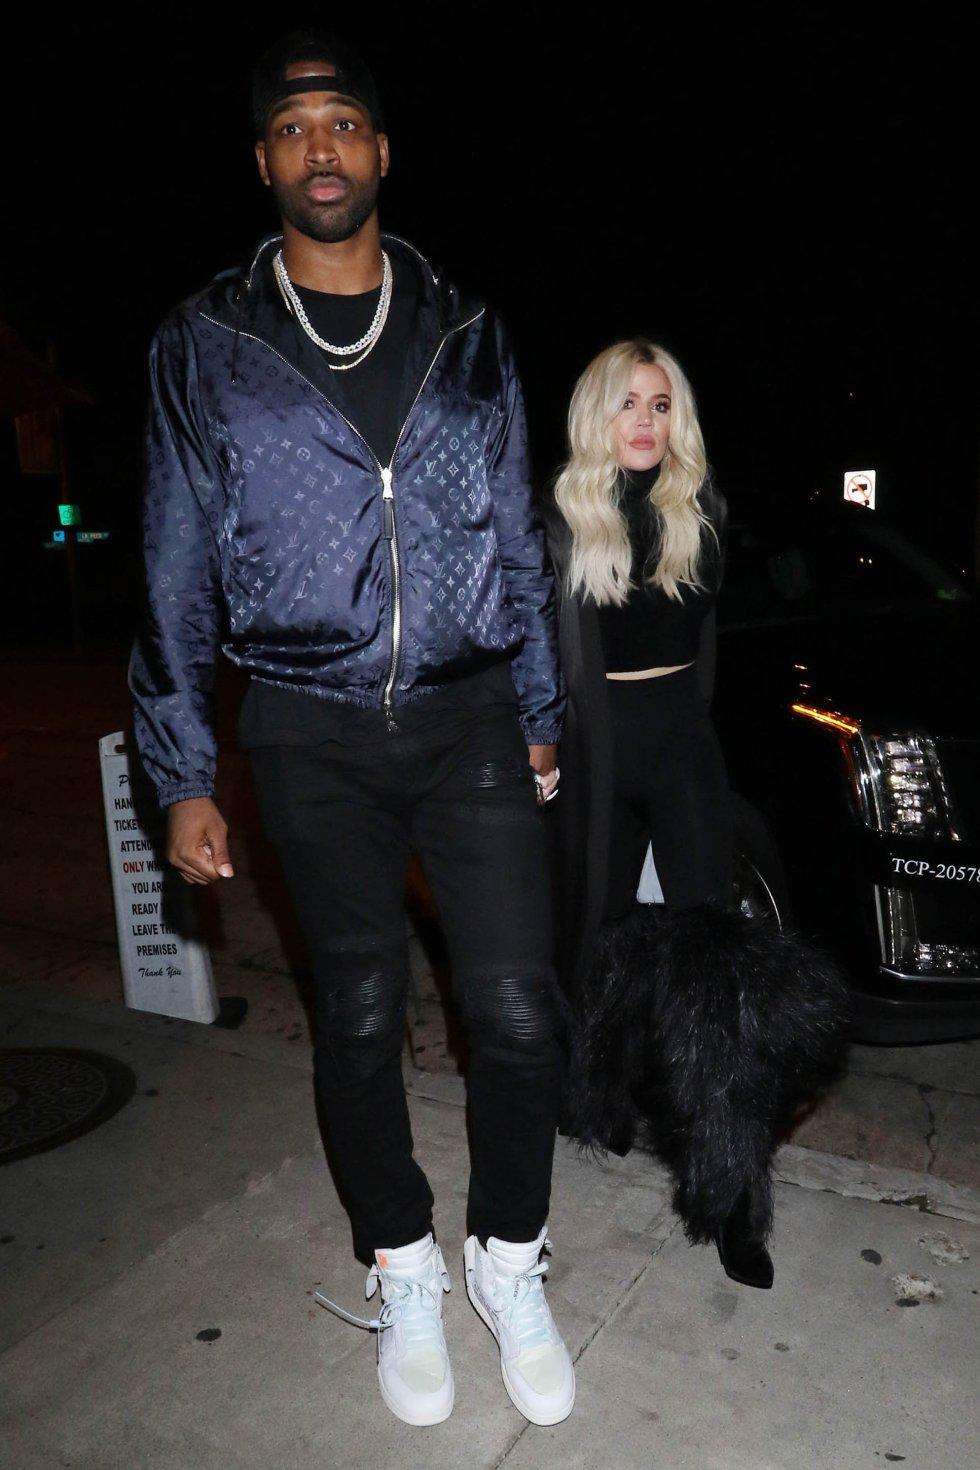 La estrella estadounidense Khloe Kardashian fue engañada por Tristan Thompson, con quien tienen una hija. La tercera en discordia fue la mejor amiga de su hermana Kylie.